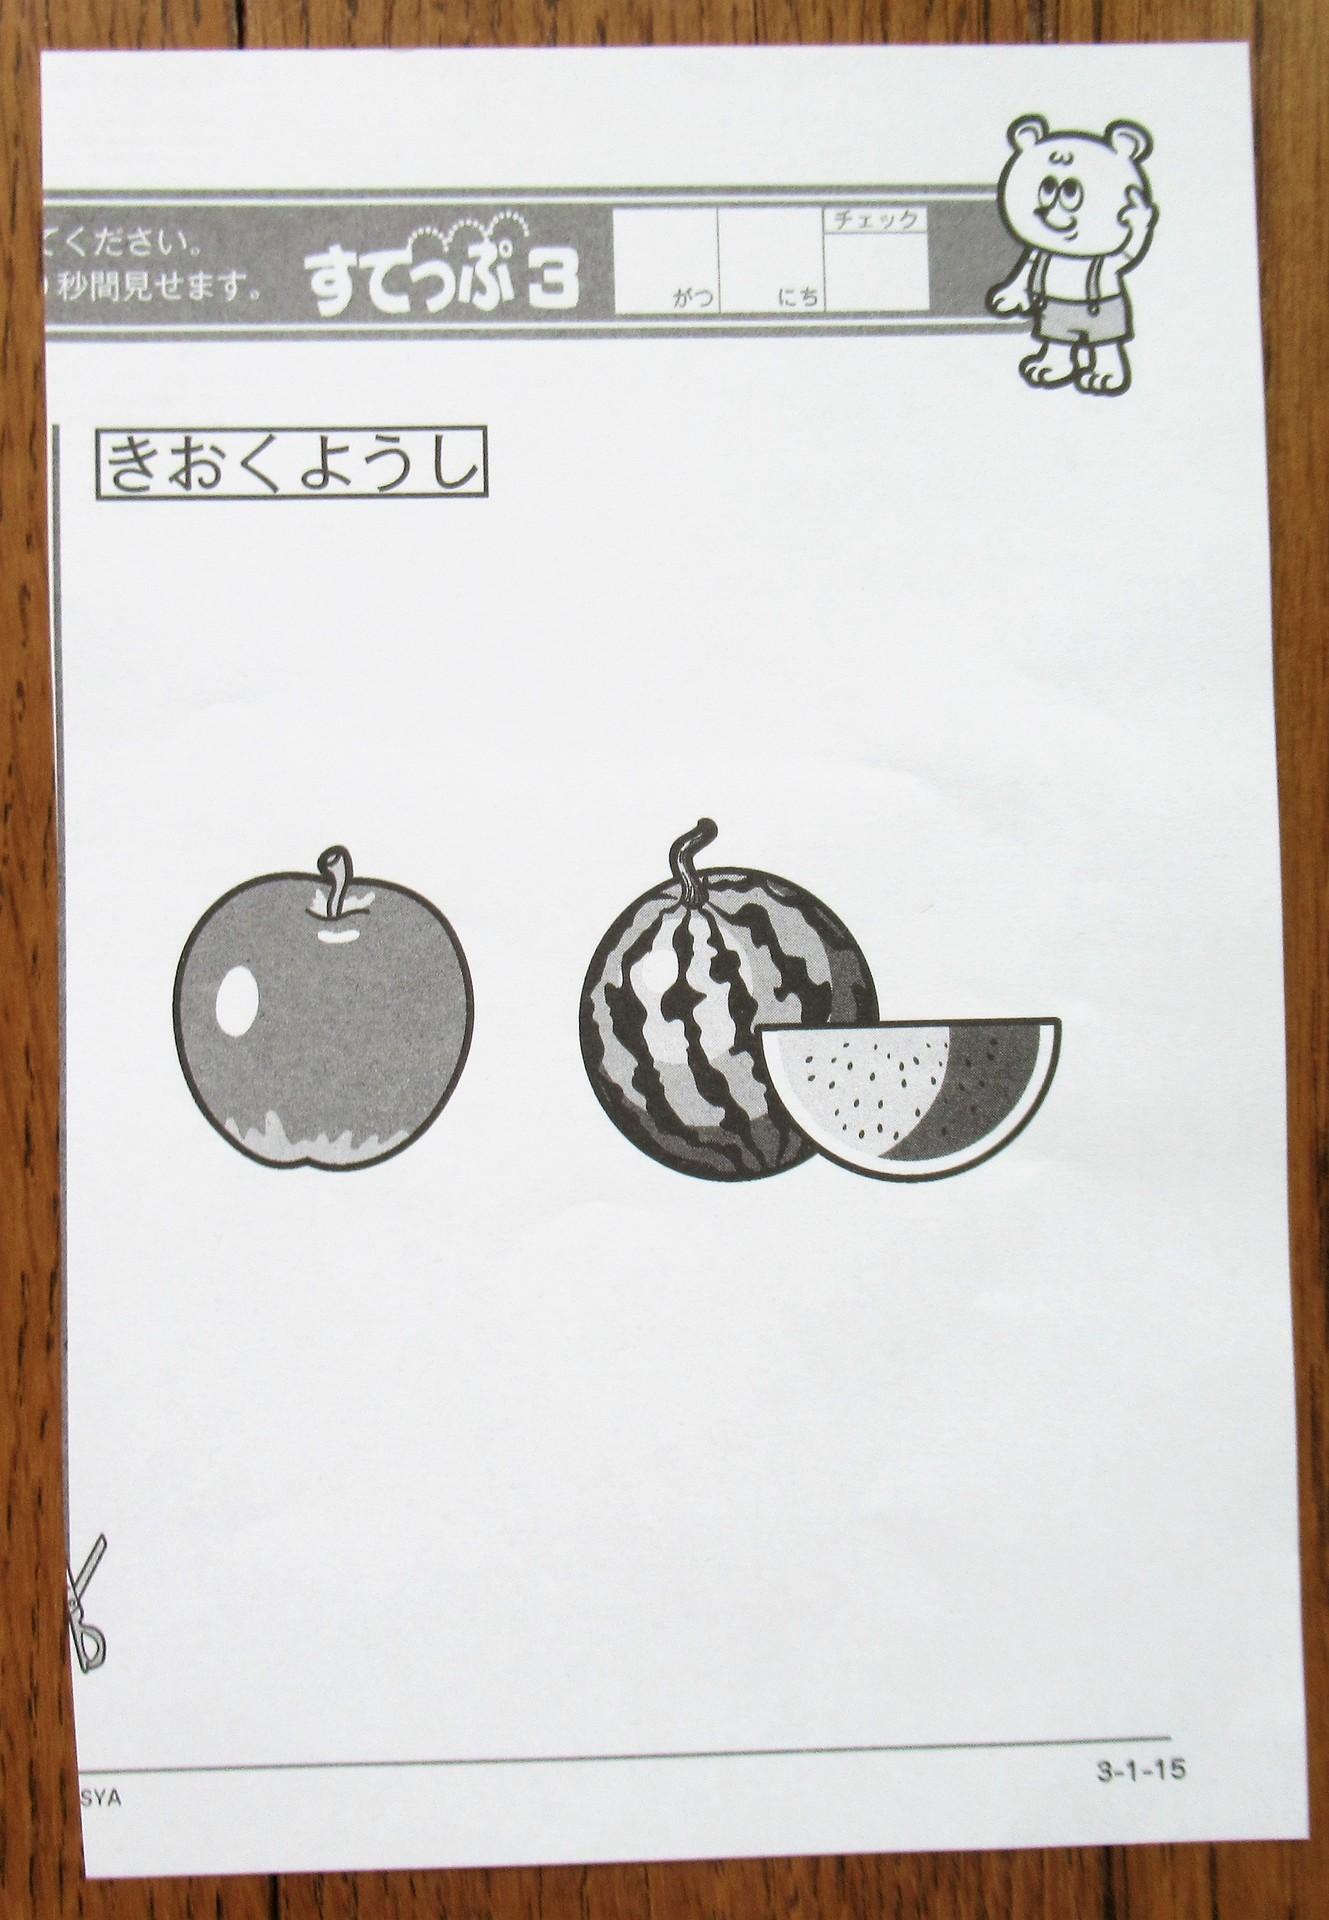 すてっぷ記憶用紙.JPG